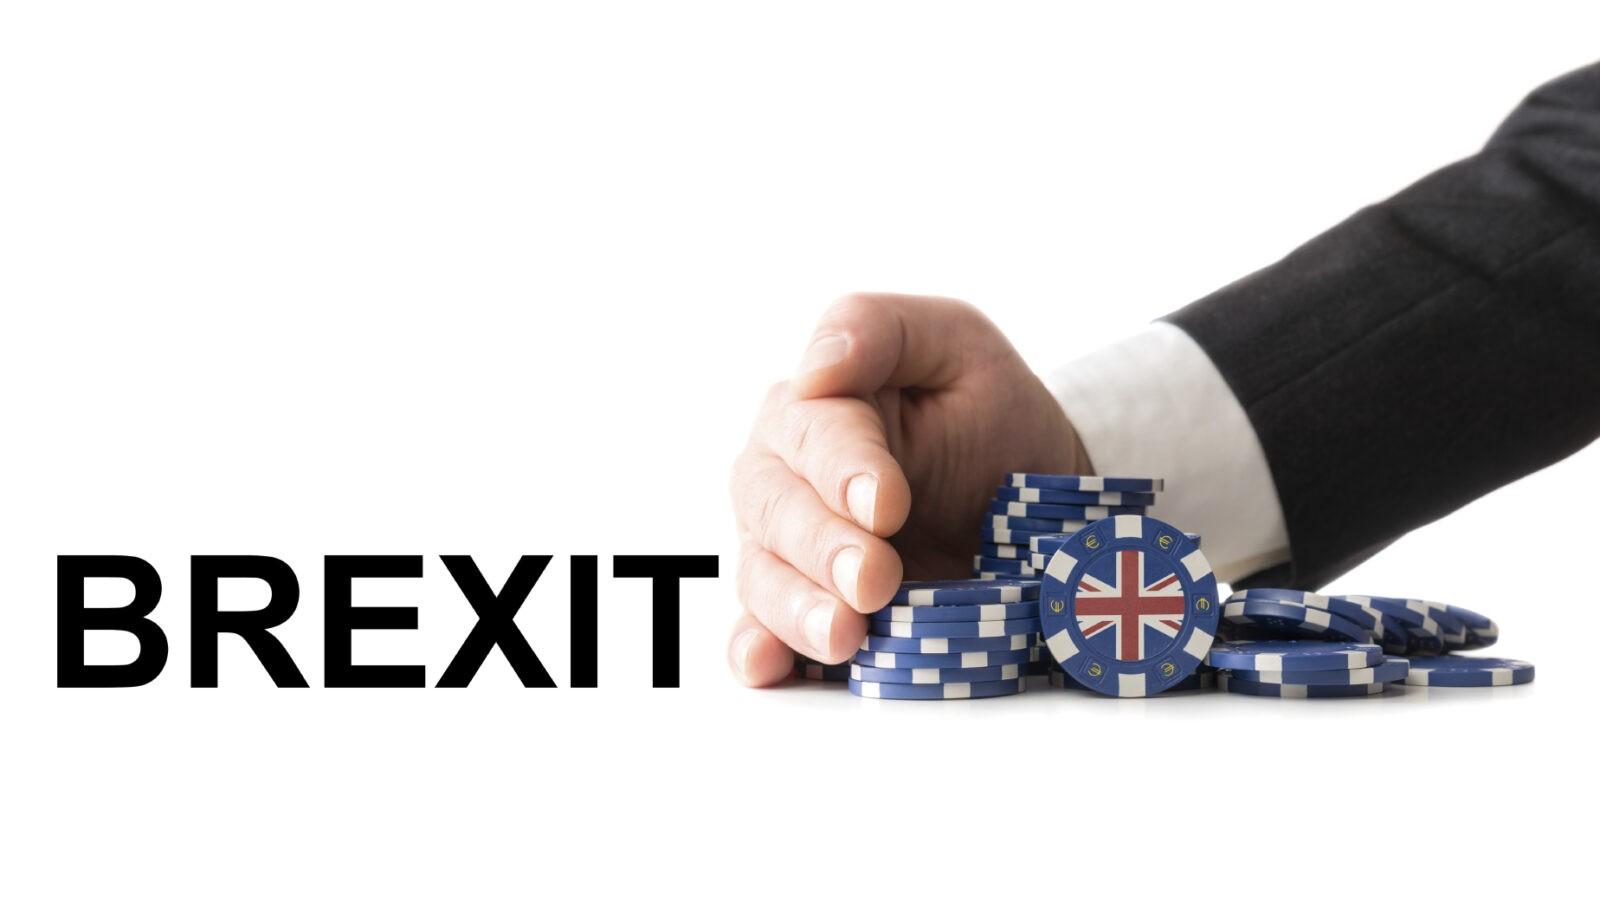 Great Britian leave eurozone